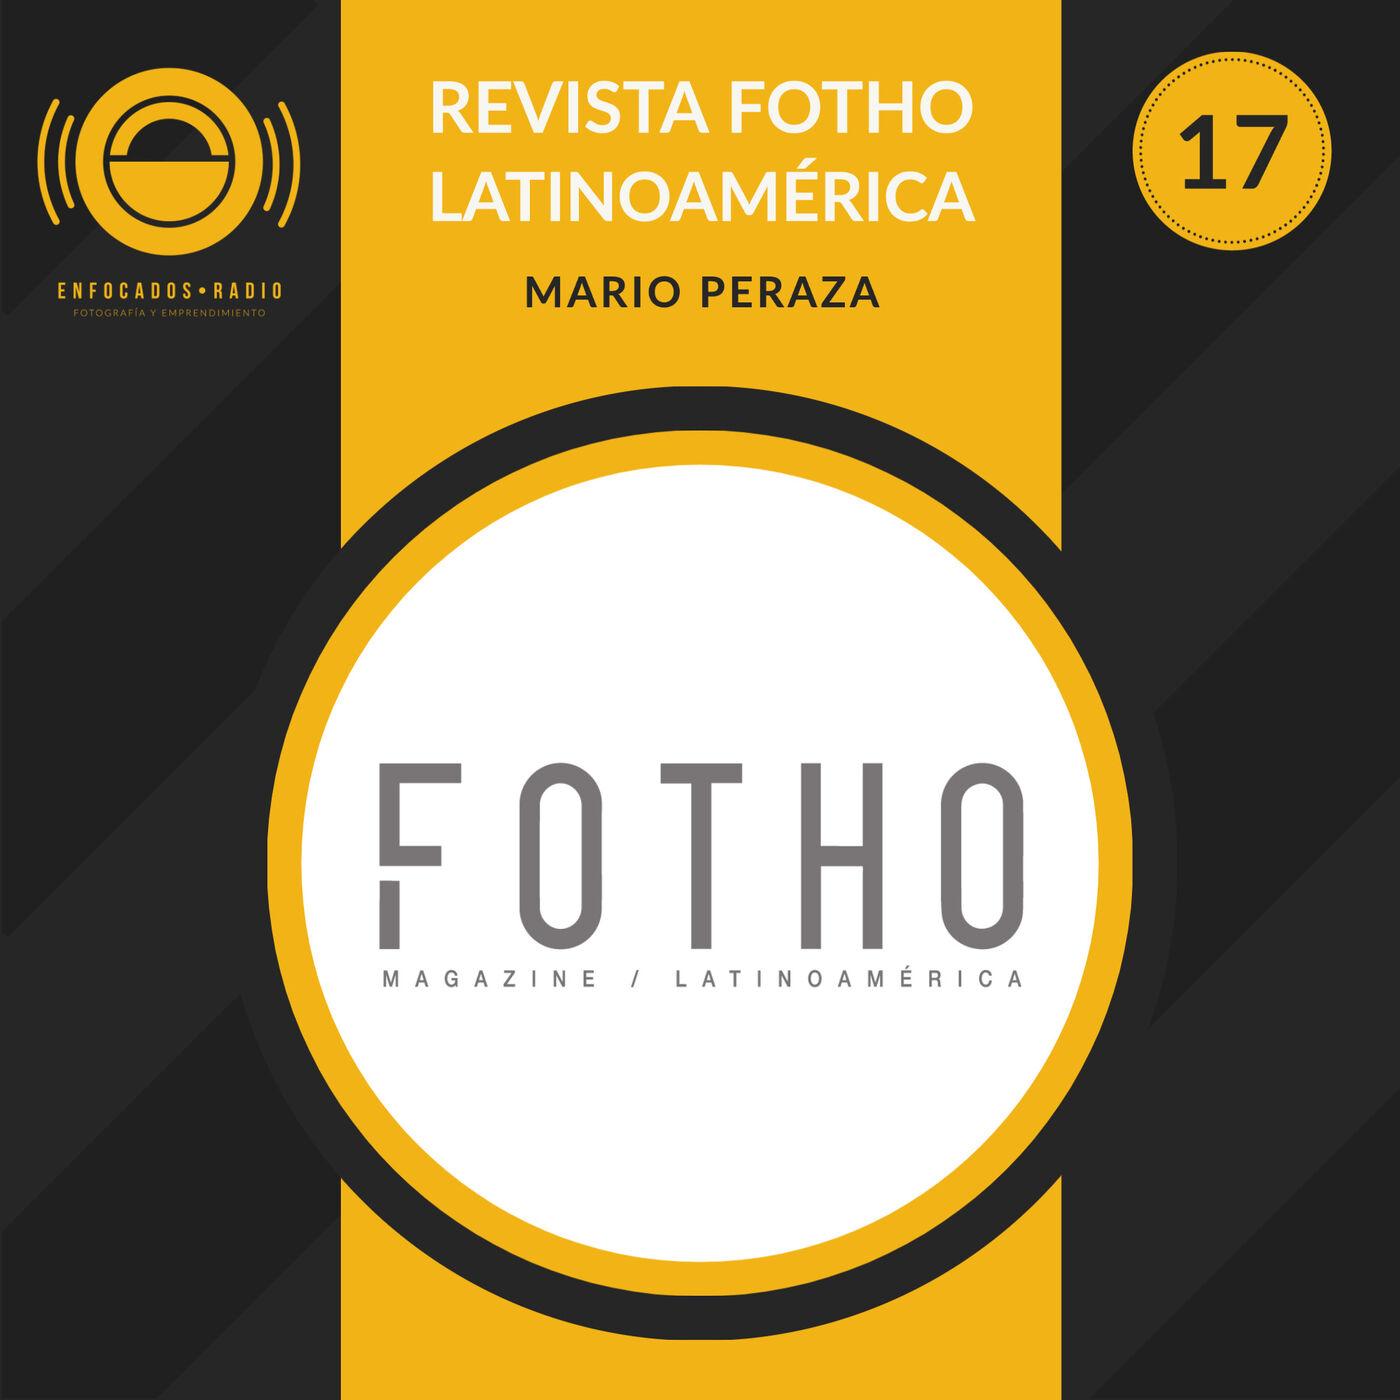 EP017: Revista Fotho Latinoamérica